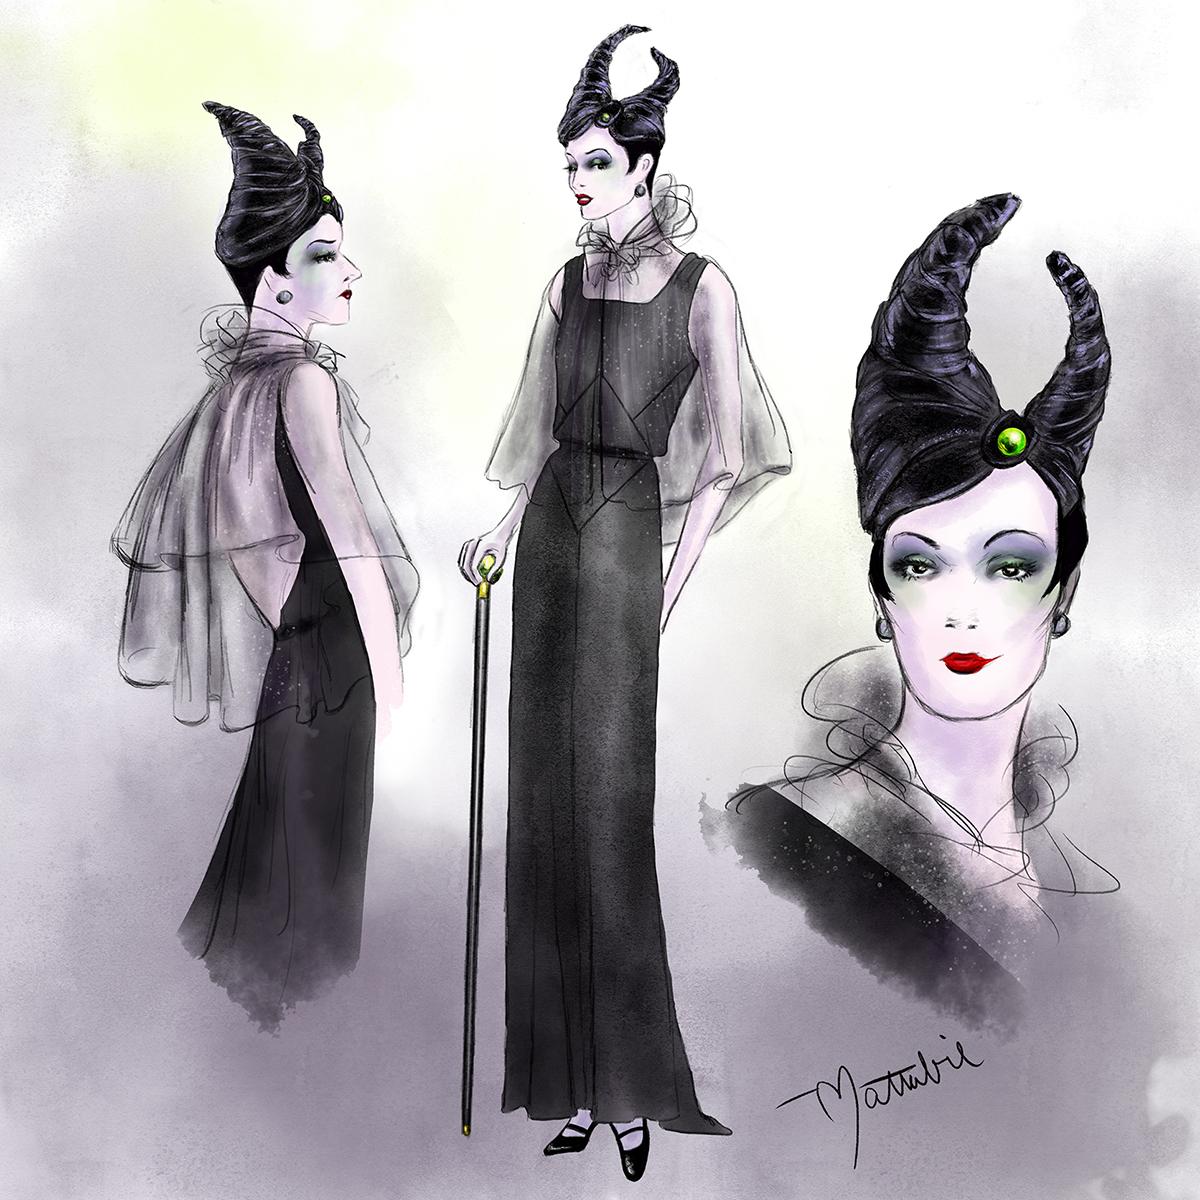 Mattabie_DDB_30s Maleficent.jpg